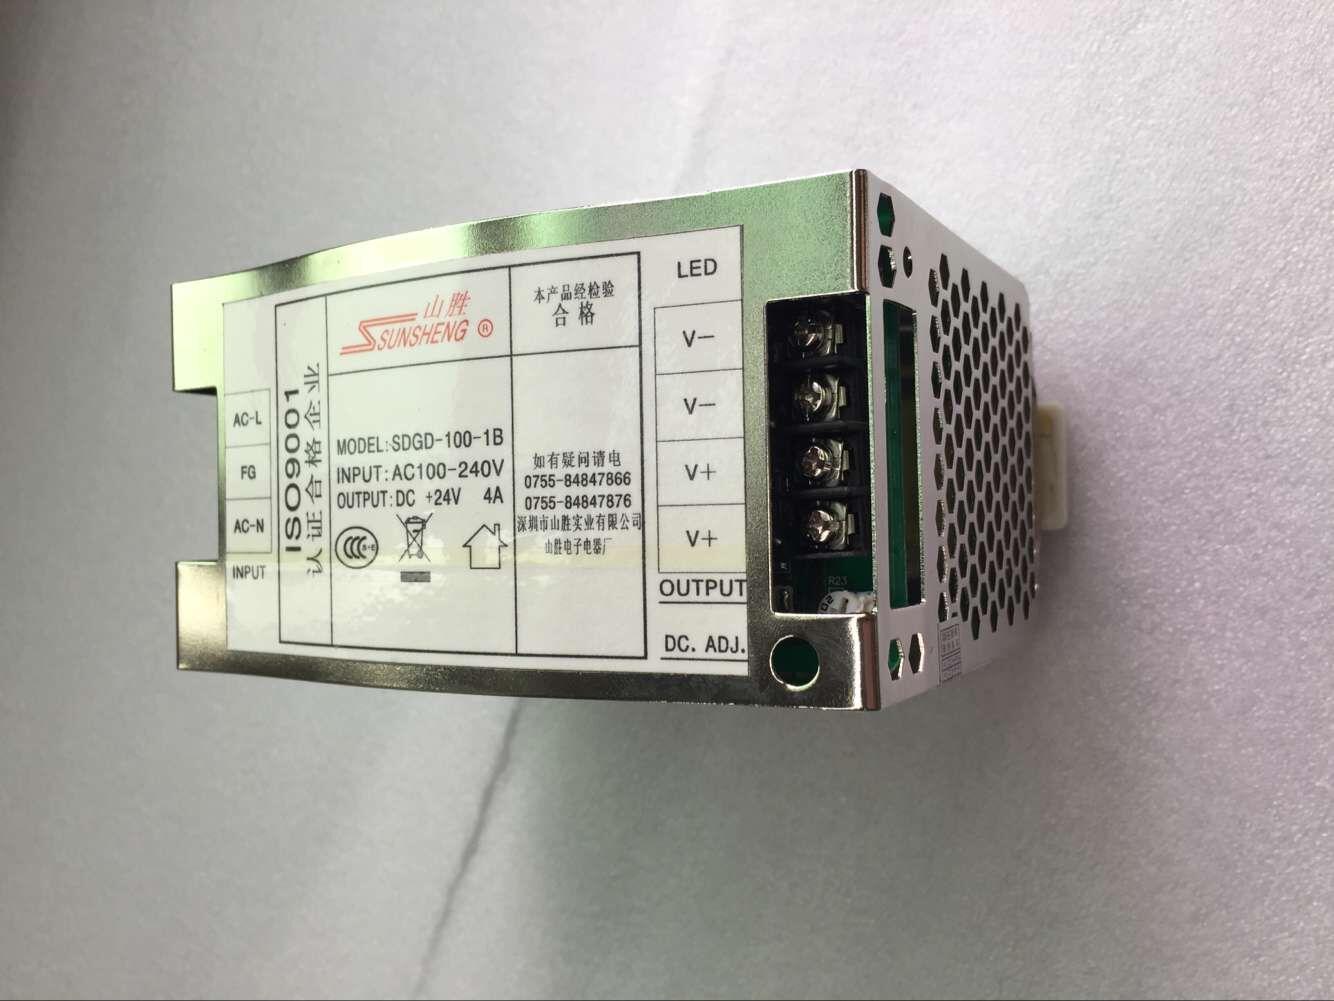 SDGD-100-1B 24V4A